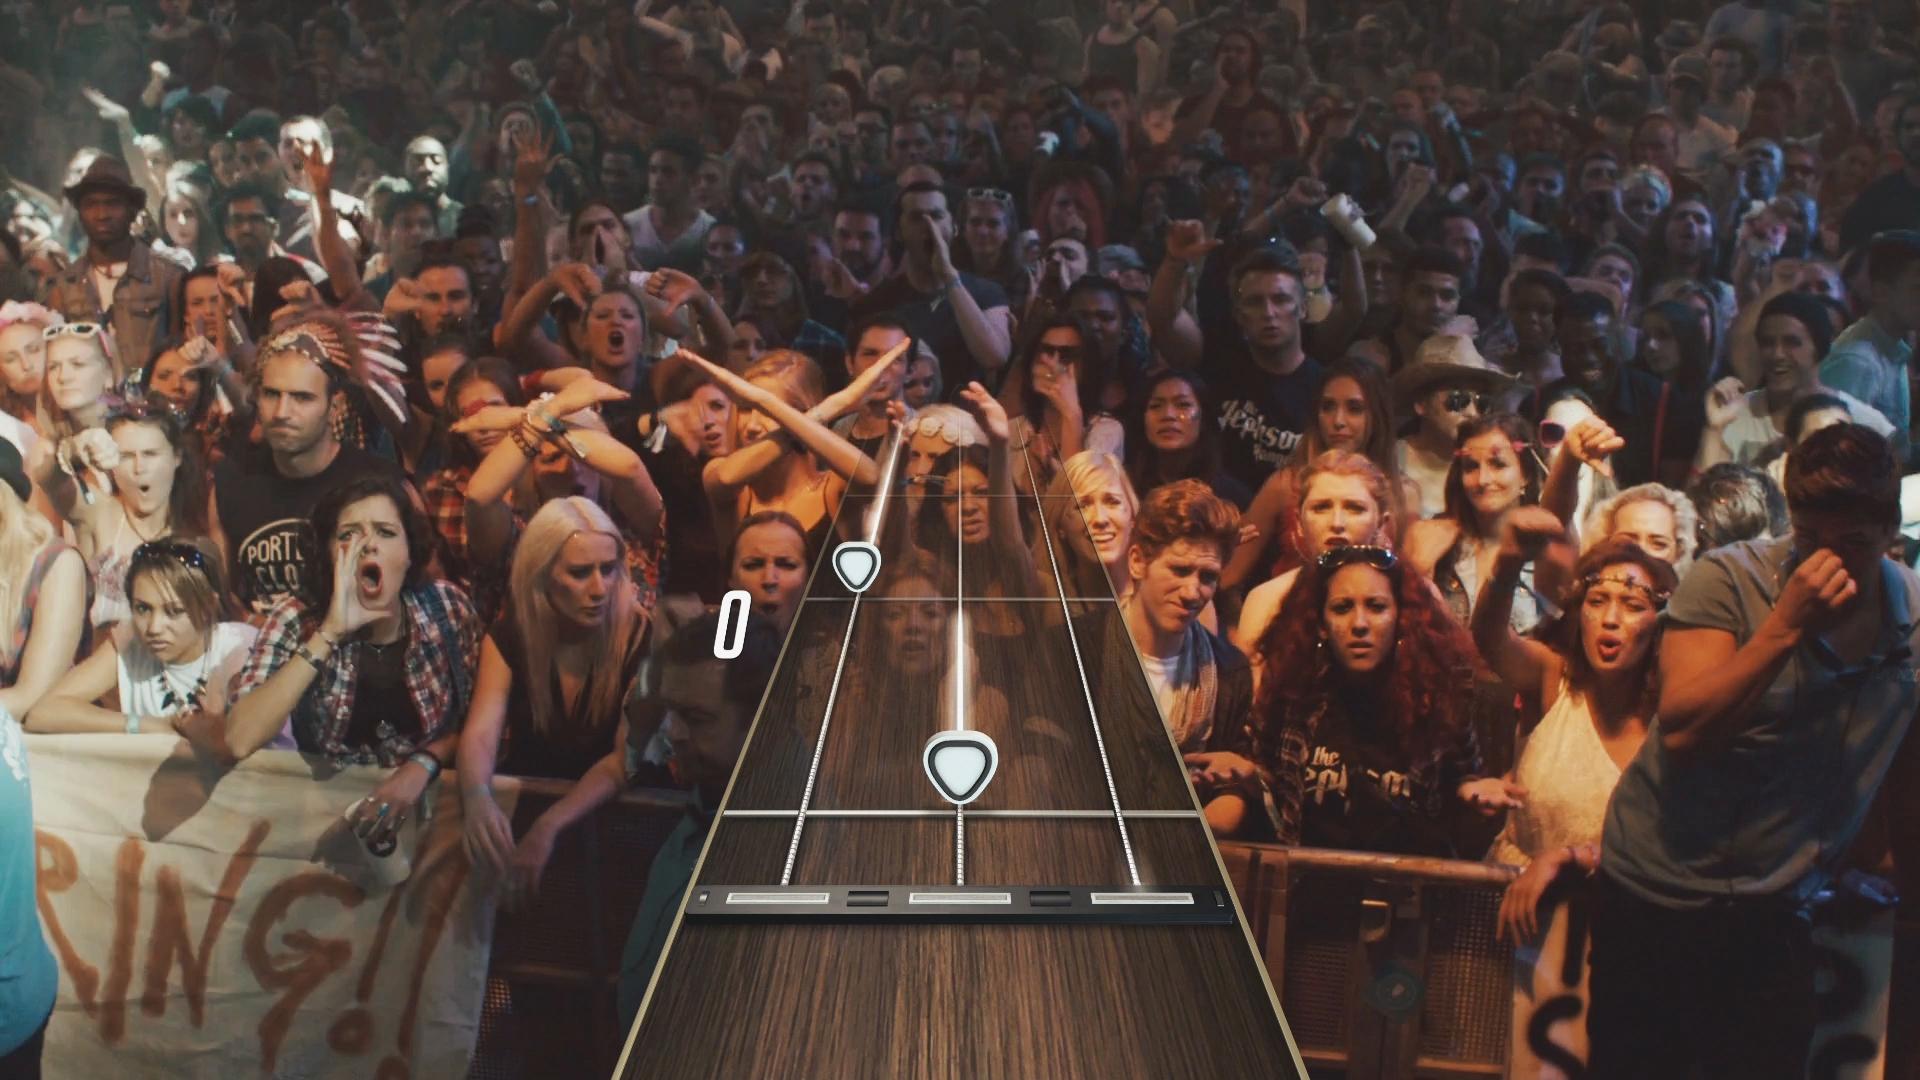 Guitar Hero user reviews